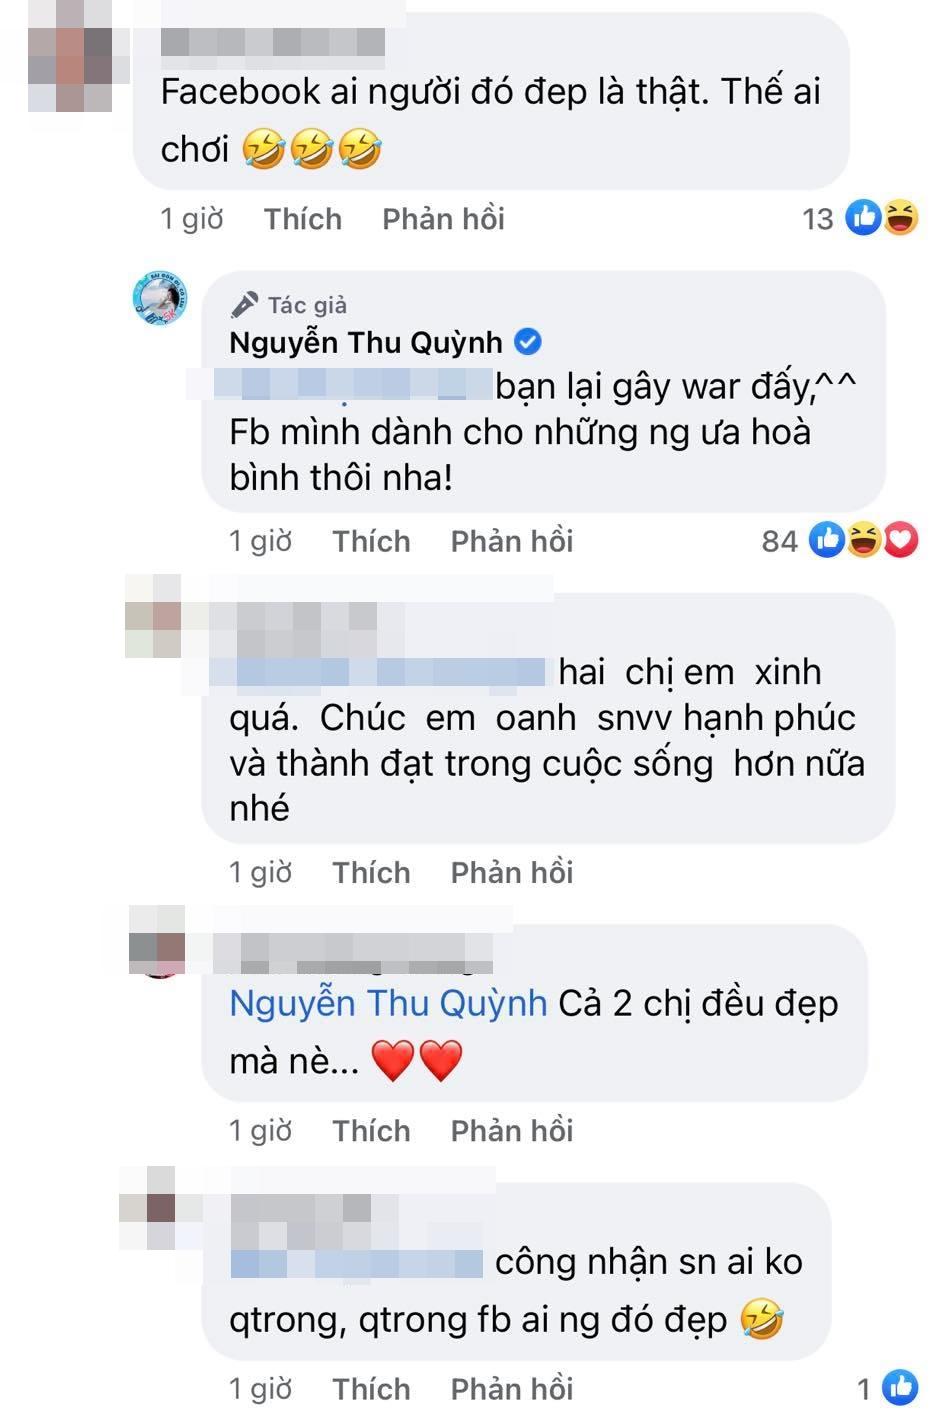 Hương vị tình thân: Khổ như Thu Quỳnh, chúc mừng sinh nhật Phương Oanh mà cũng bị nói cố tình dìm đồng nghiệp - Ảnh 2.